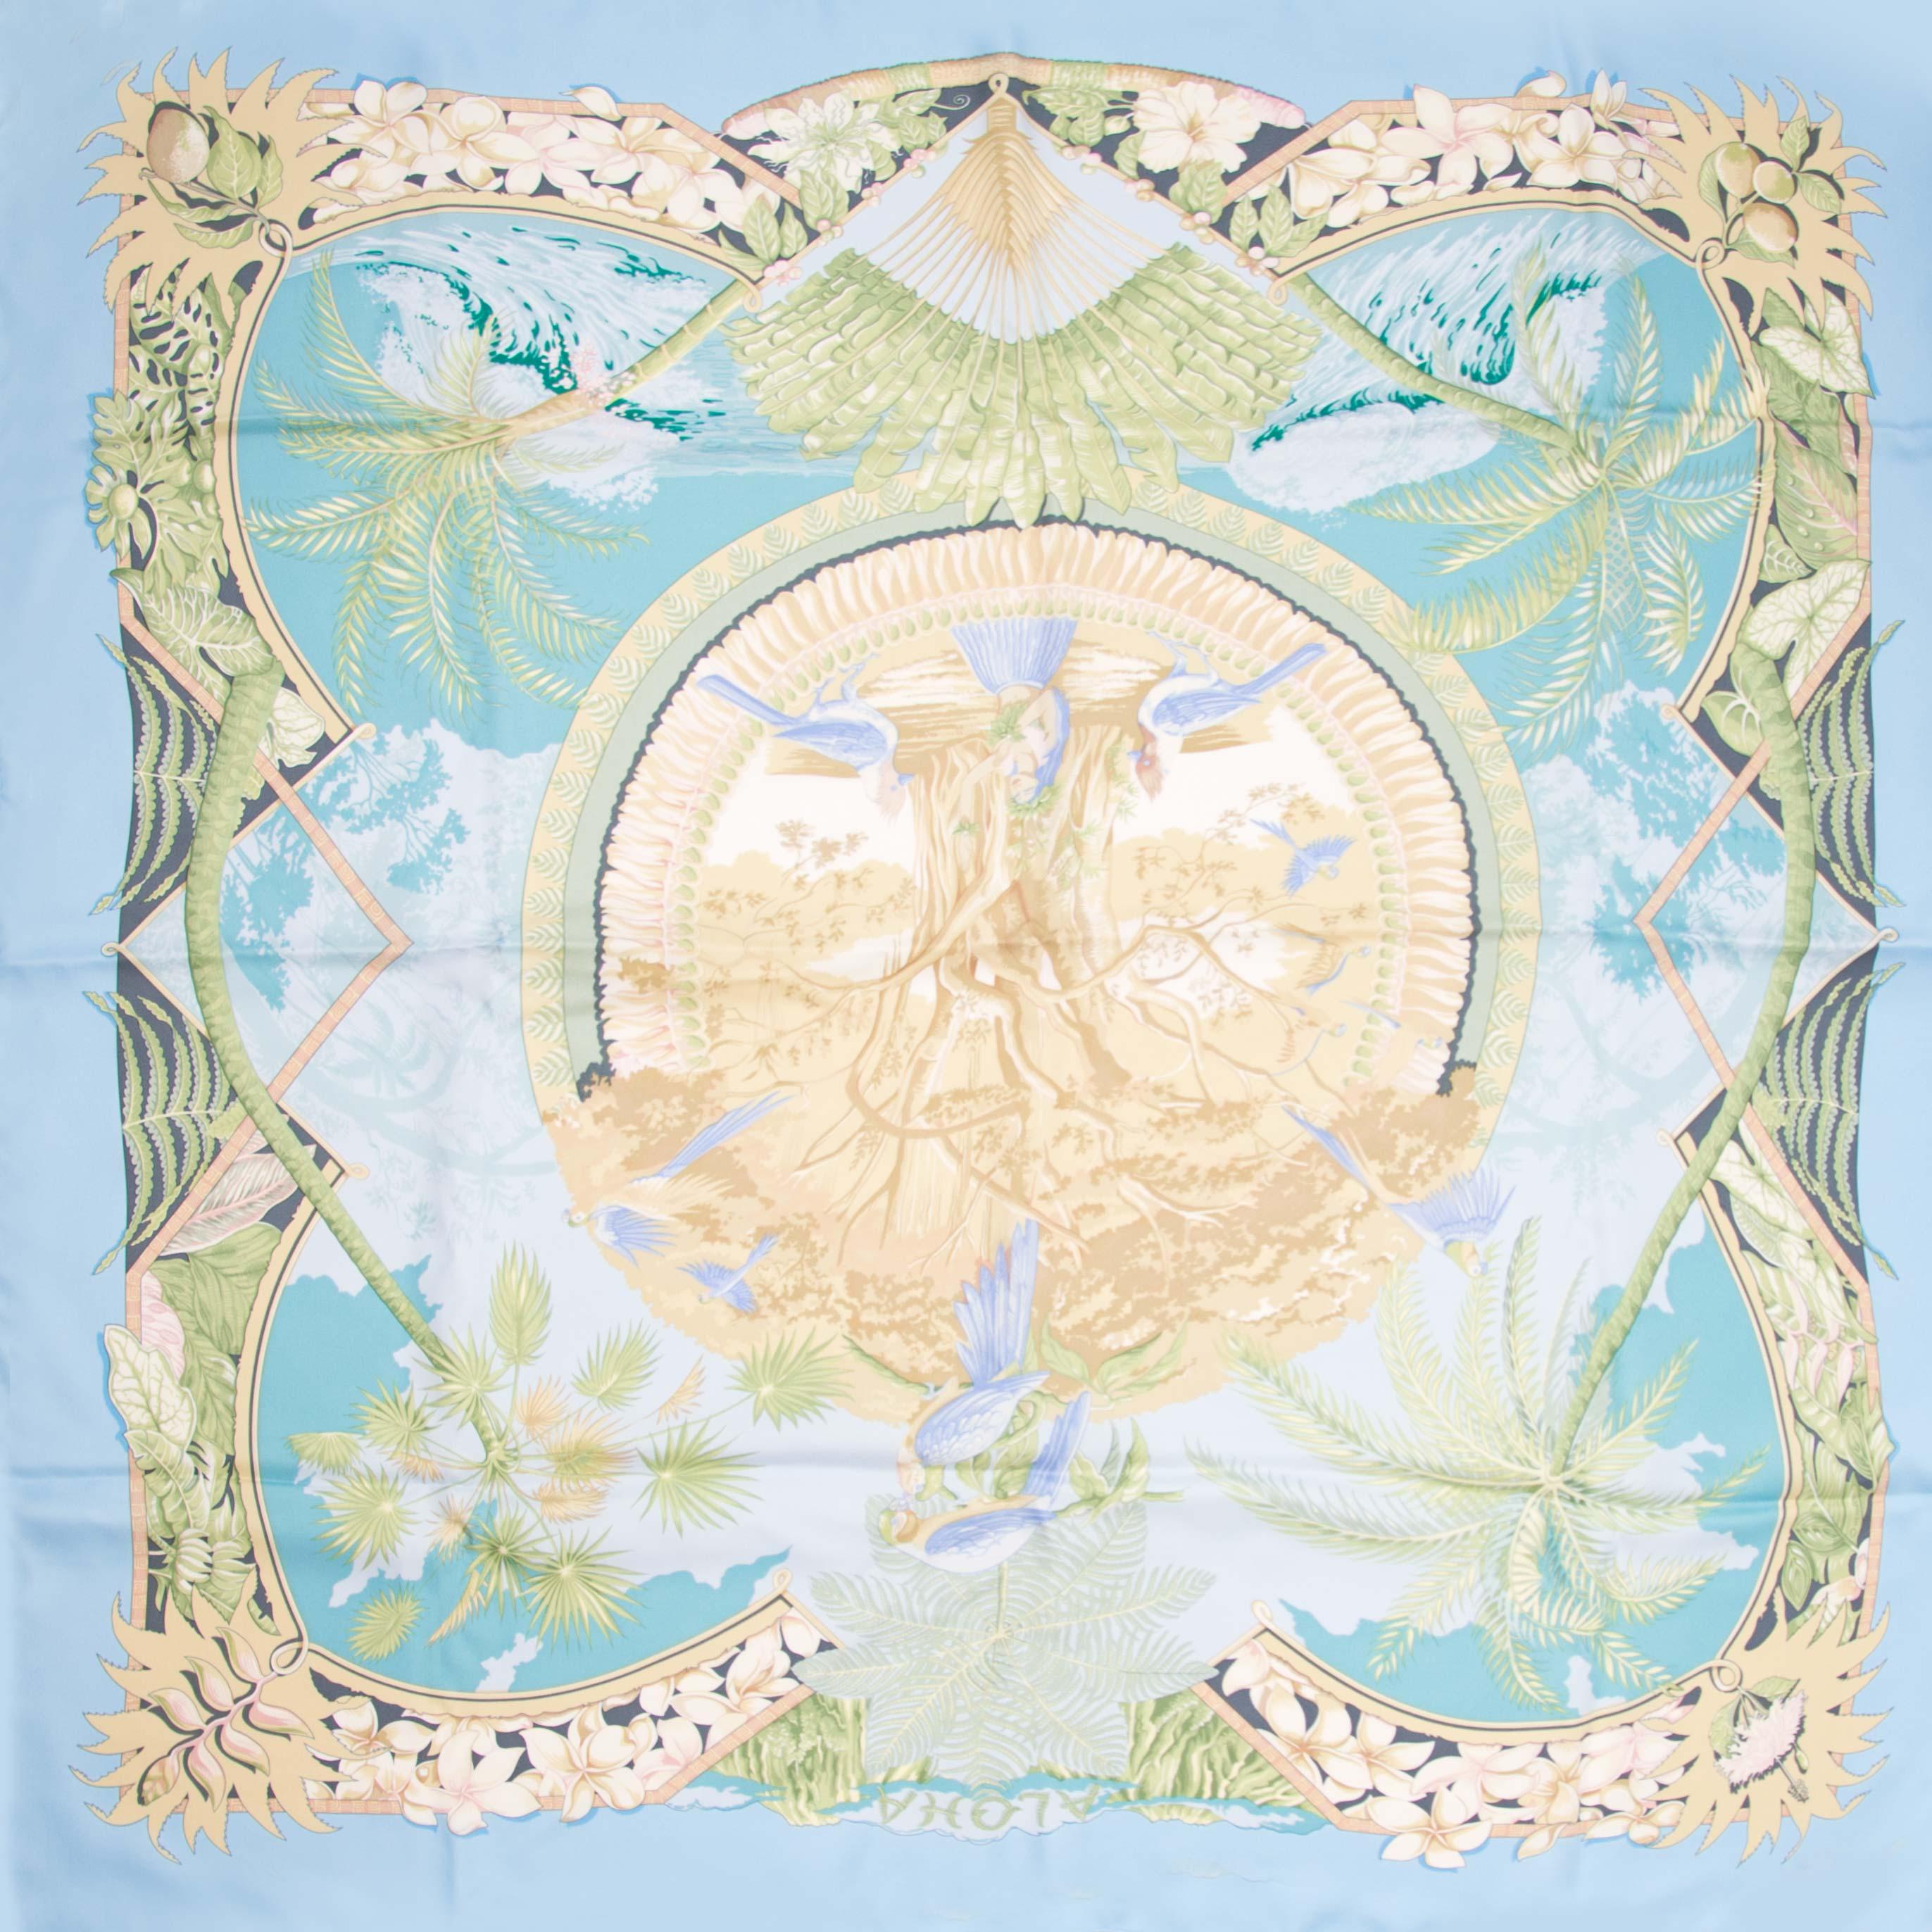 Hermès carré Aloha zijden sjaal nu online bij labellov.com tegen de beste prijs